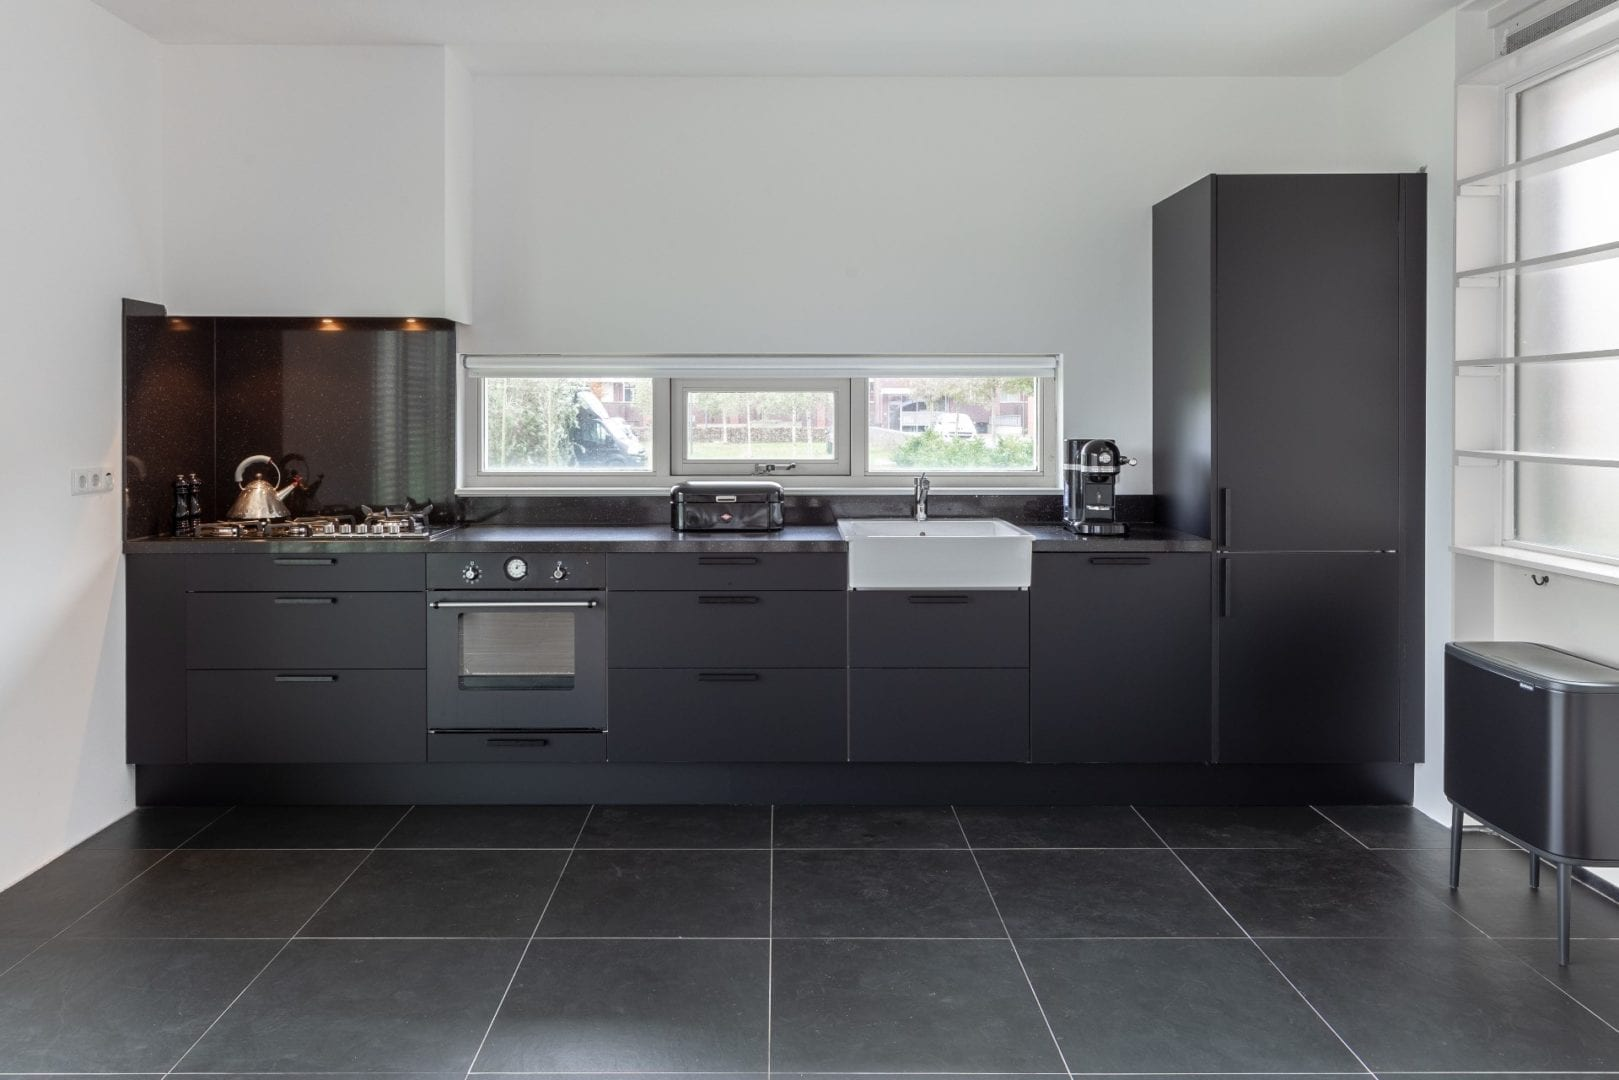 IKEA keuken deuren veranderen Faktum naar mat zwart